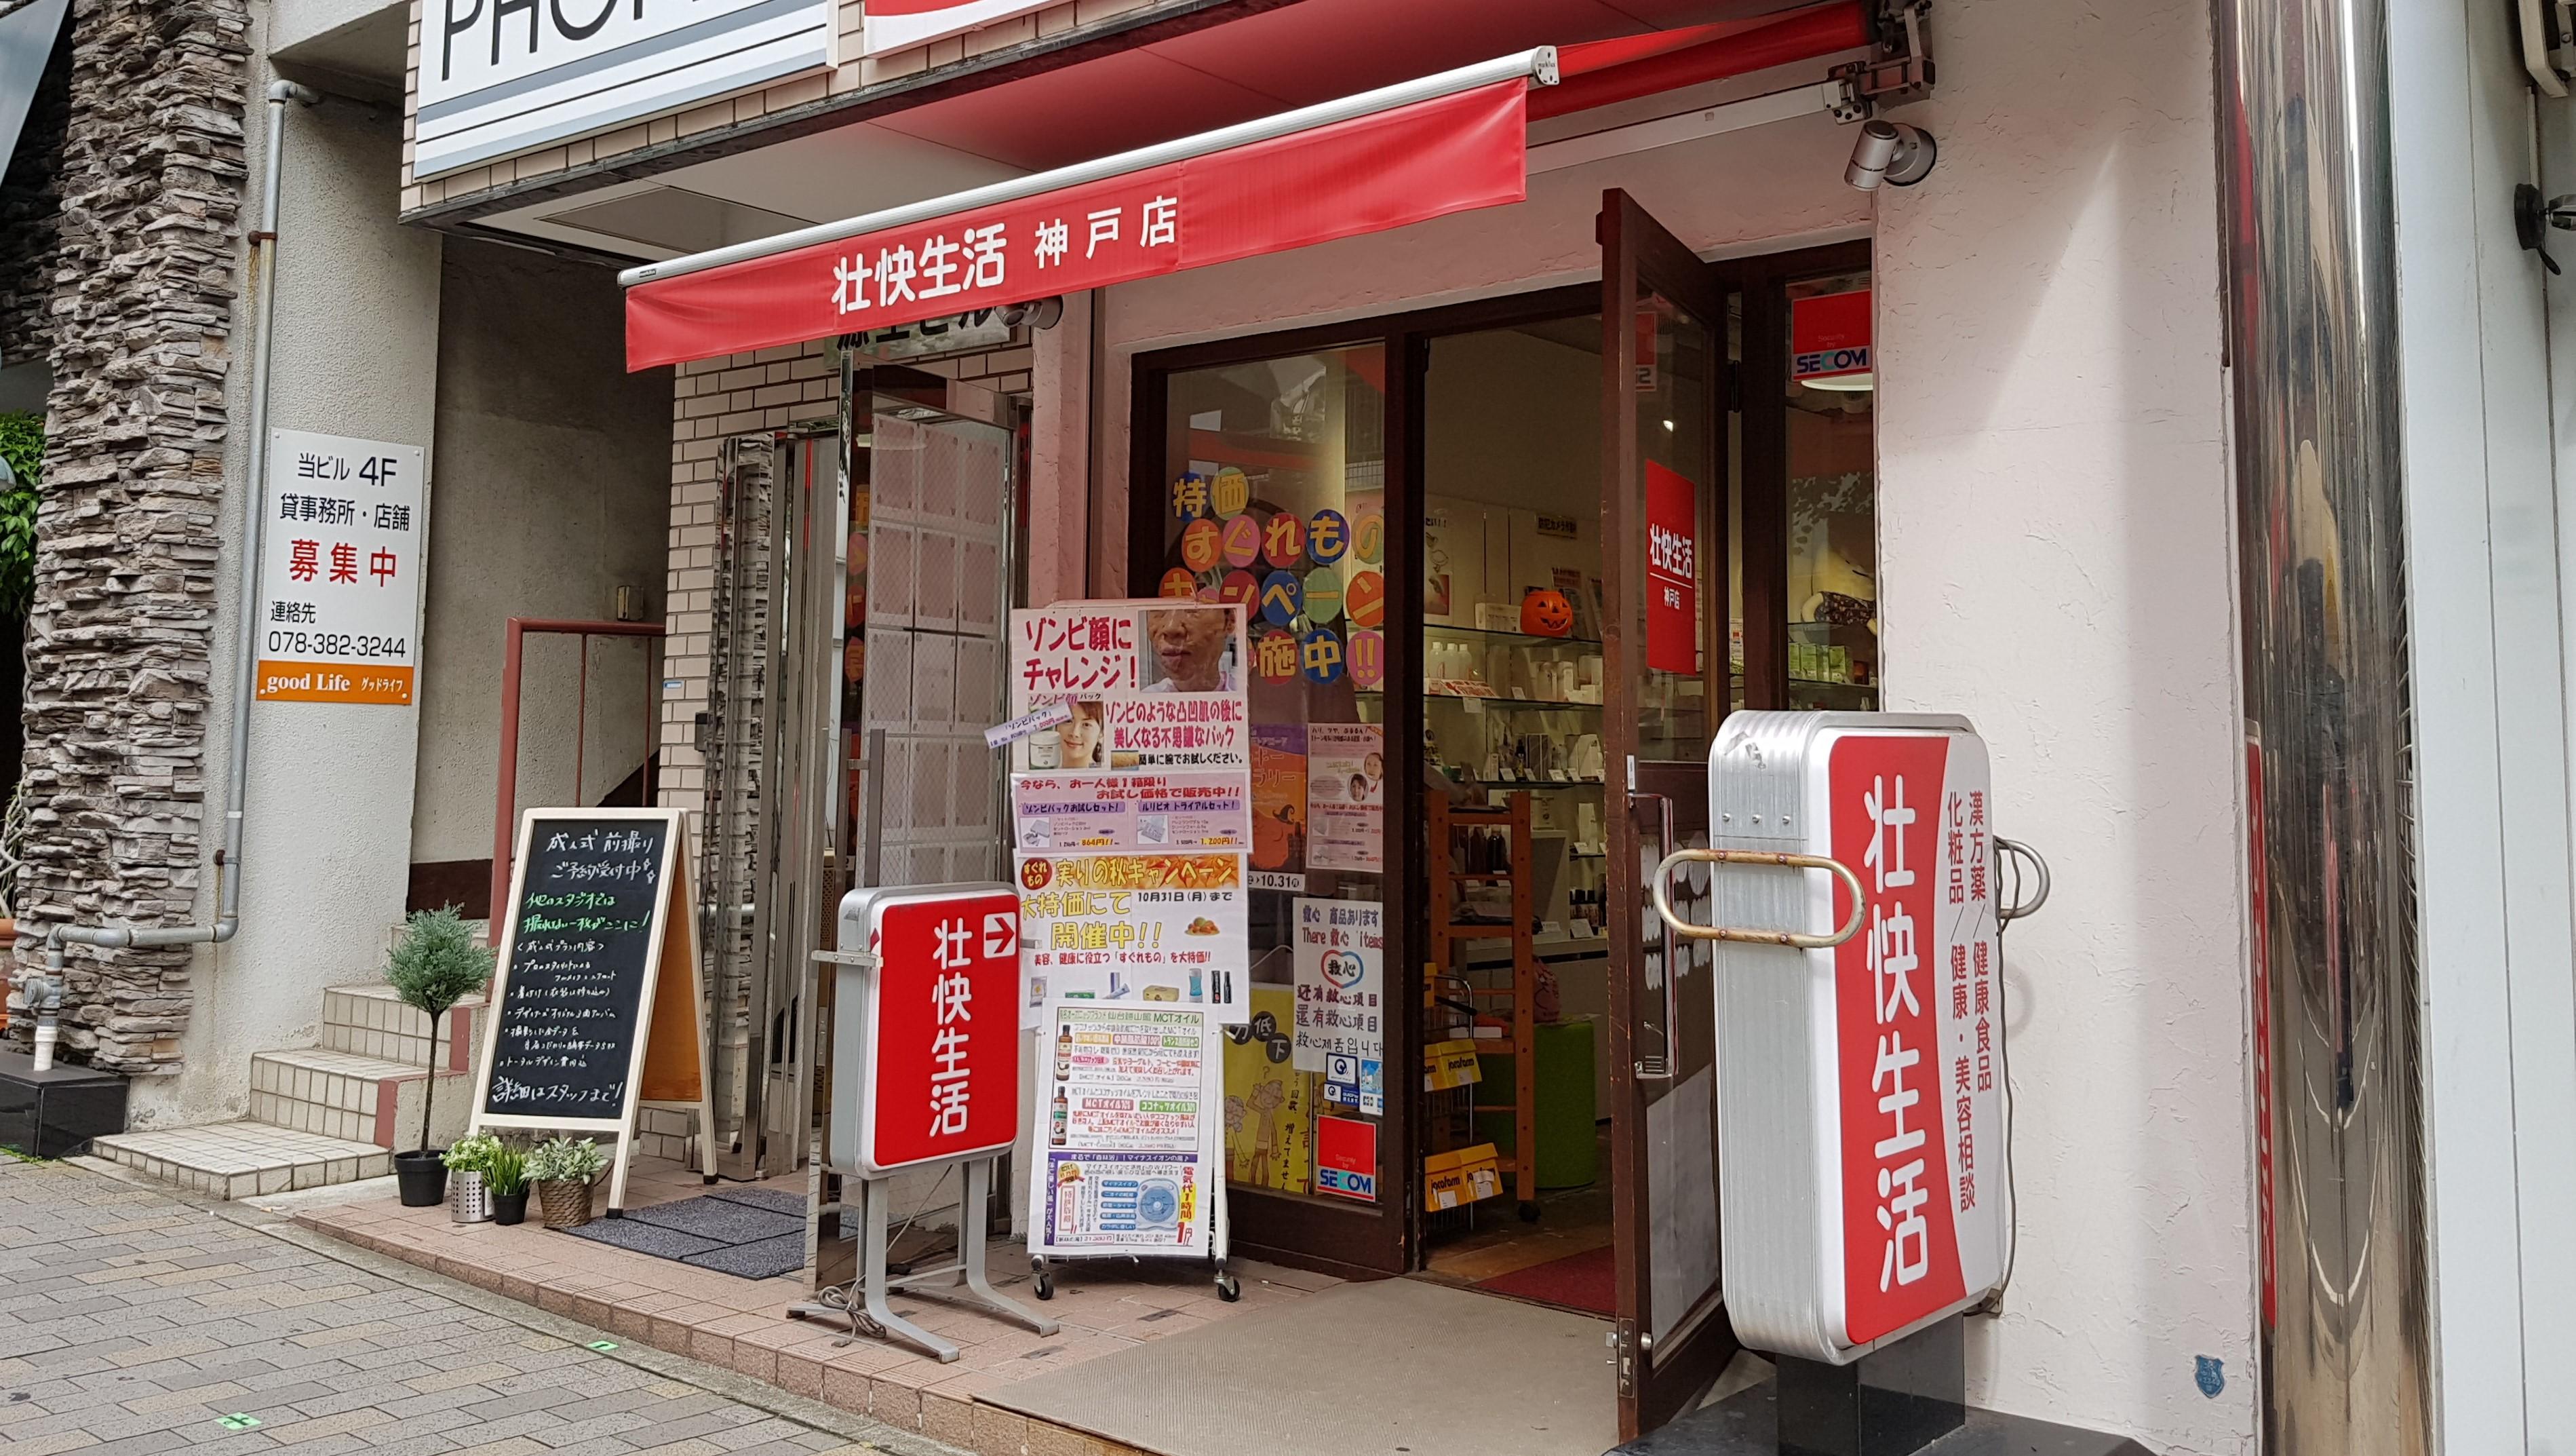 壮快生活 神戸店のメインイメージ